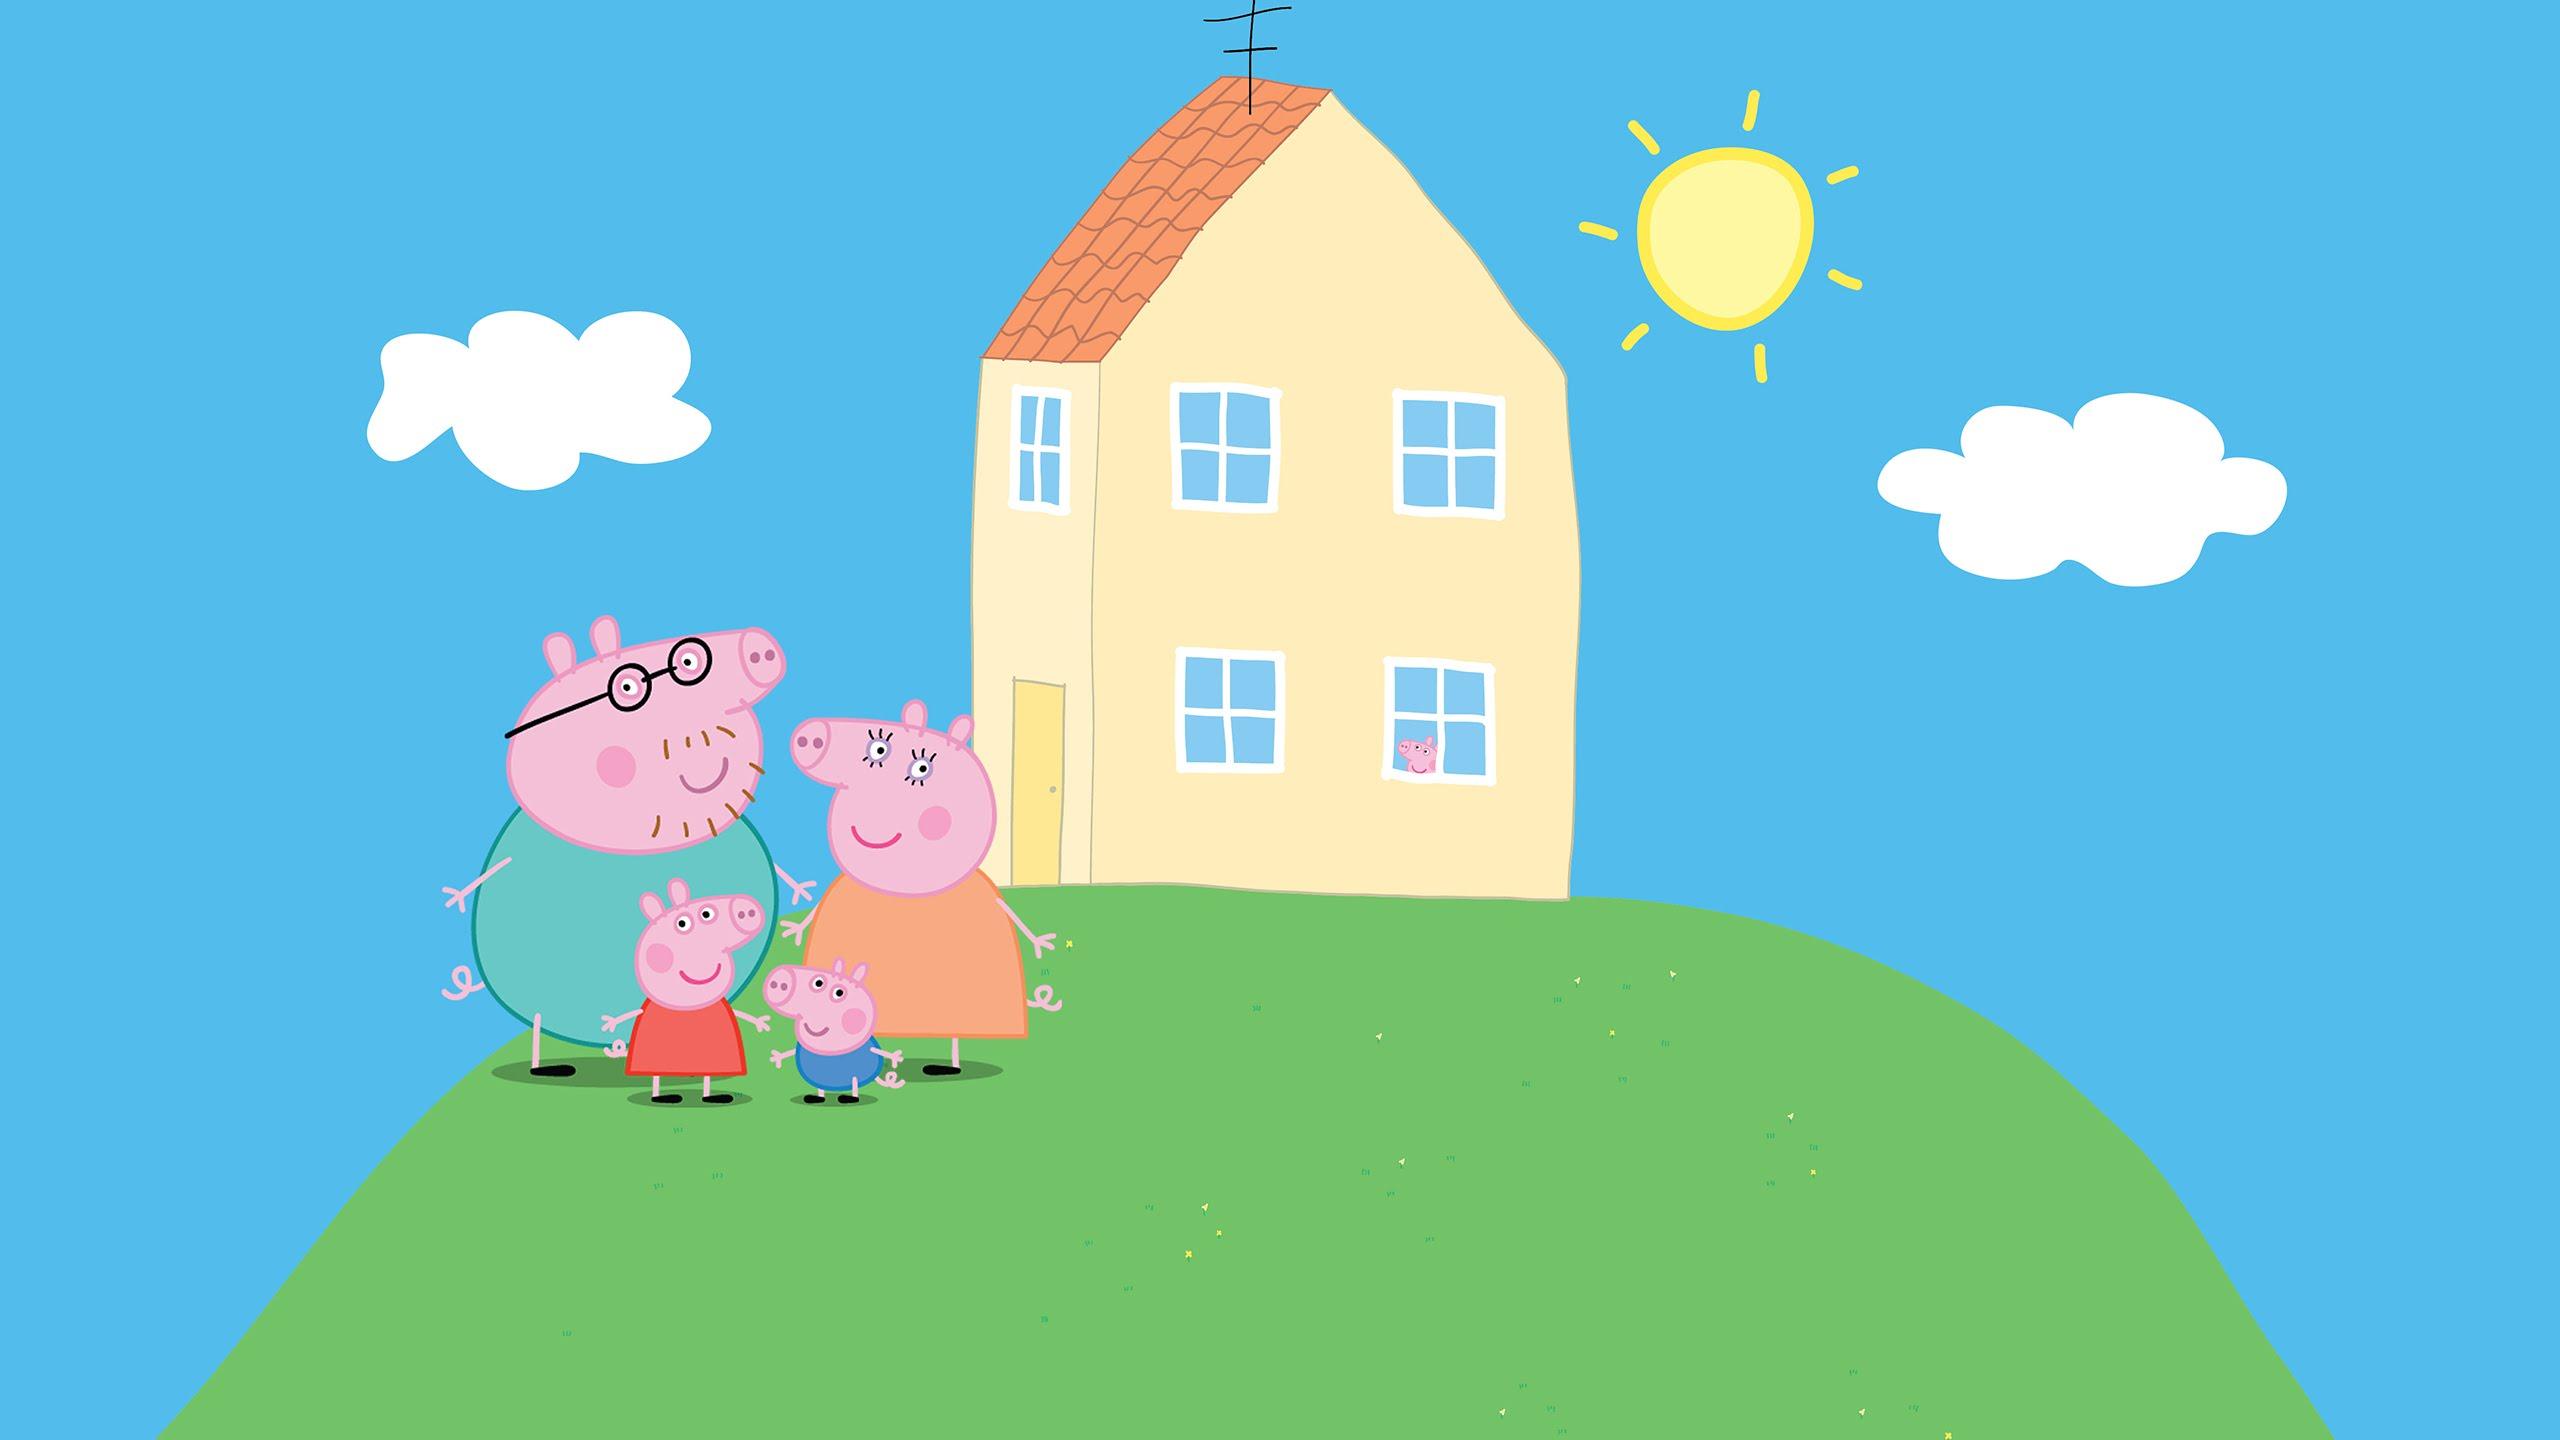 im65 Peppa Pig HD Wallpaper 2560x1440 px   Picseriocom 2560x1440